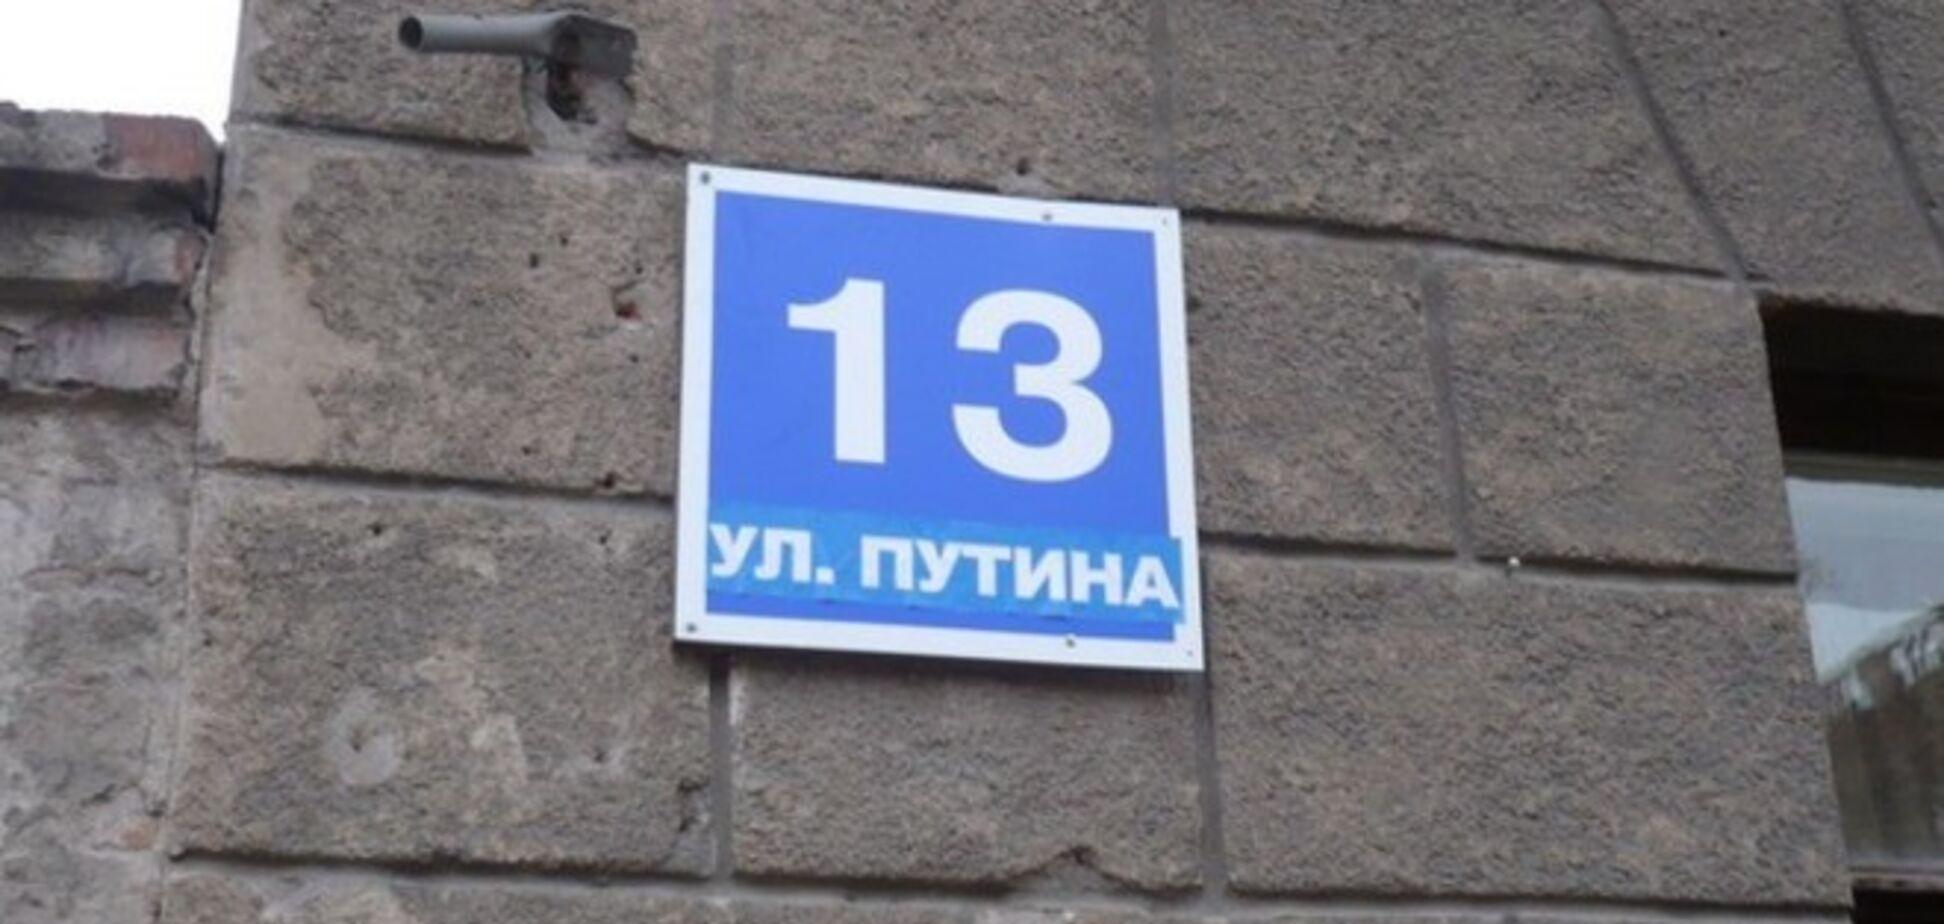 Маразм міцнішає: ім'ям Путіна в Єкатеринбурзі хочуть назвати центральну вулицю